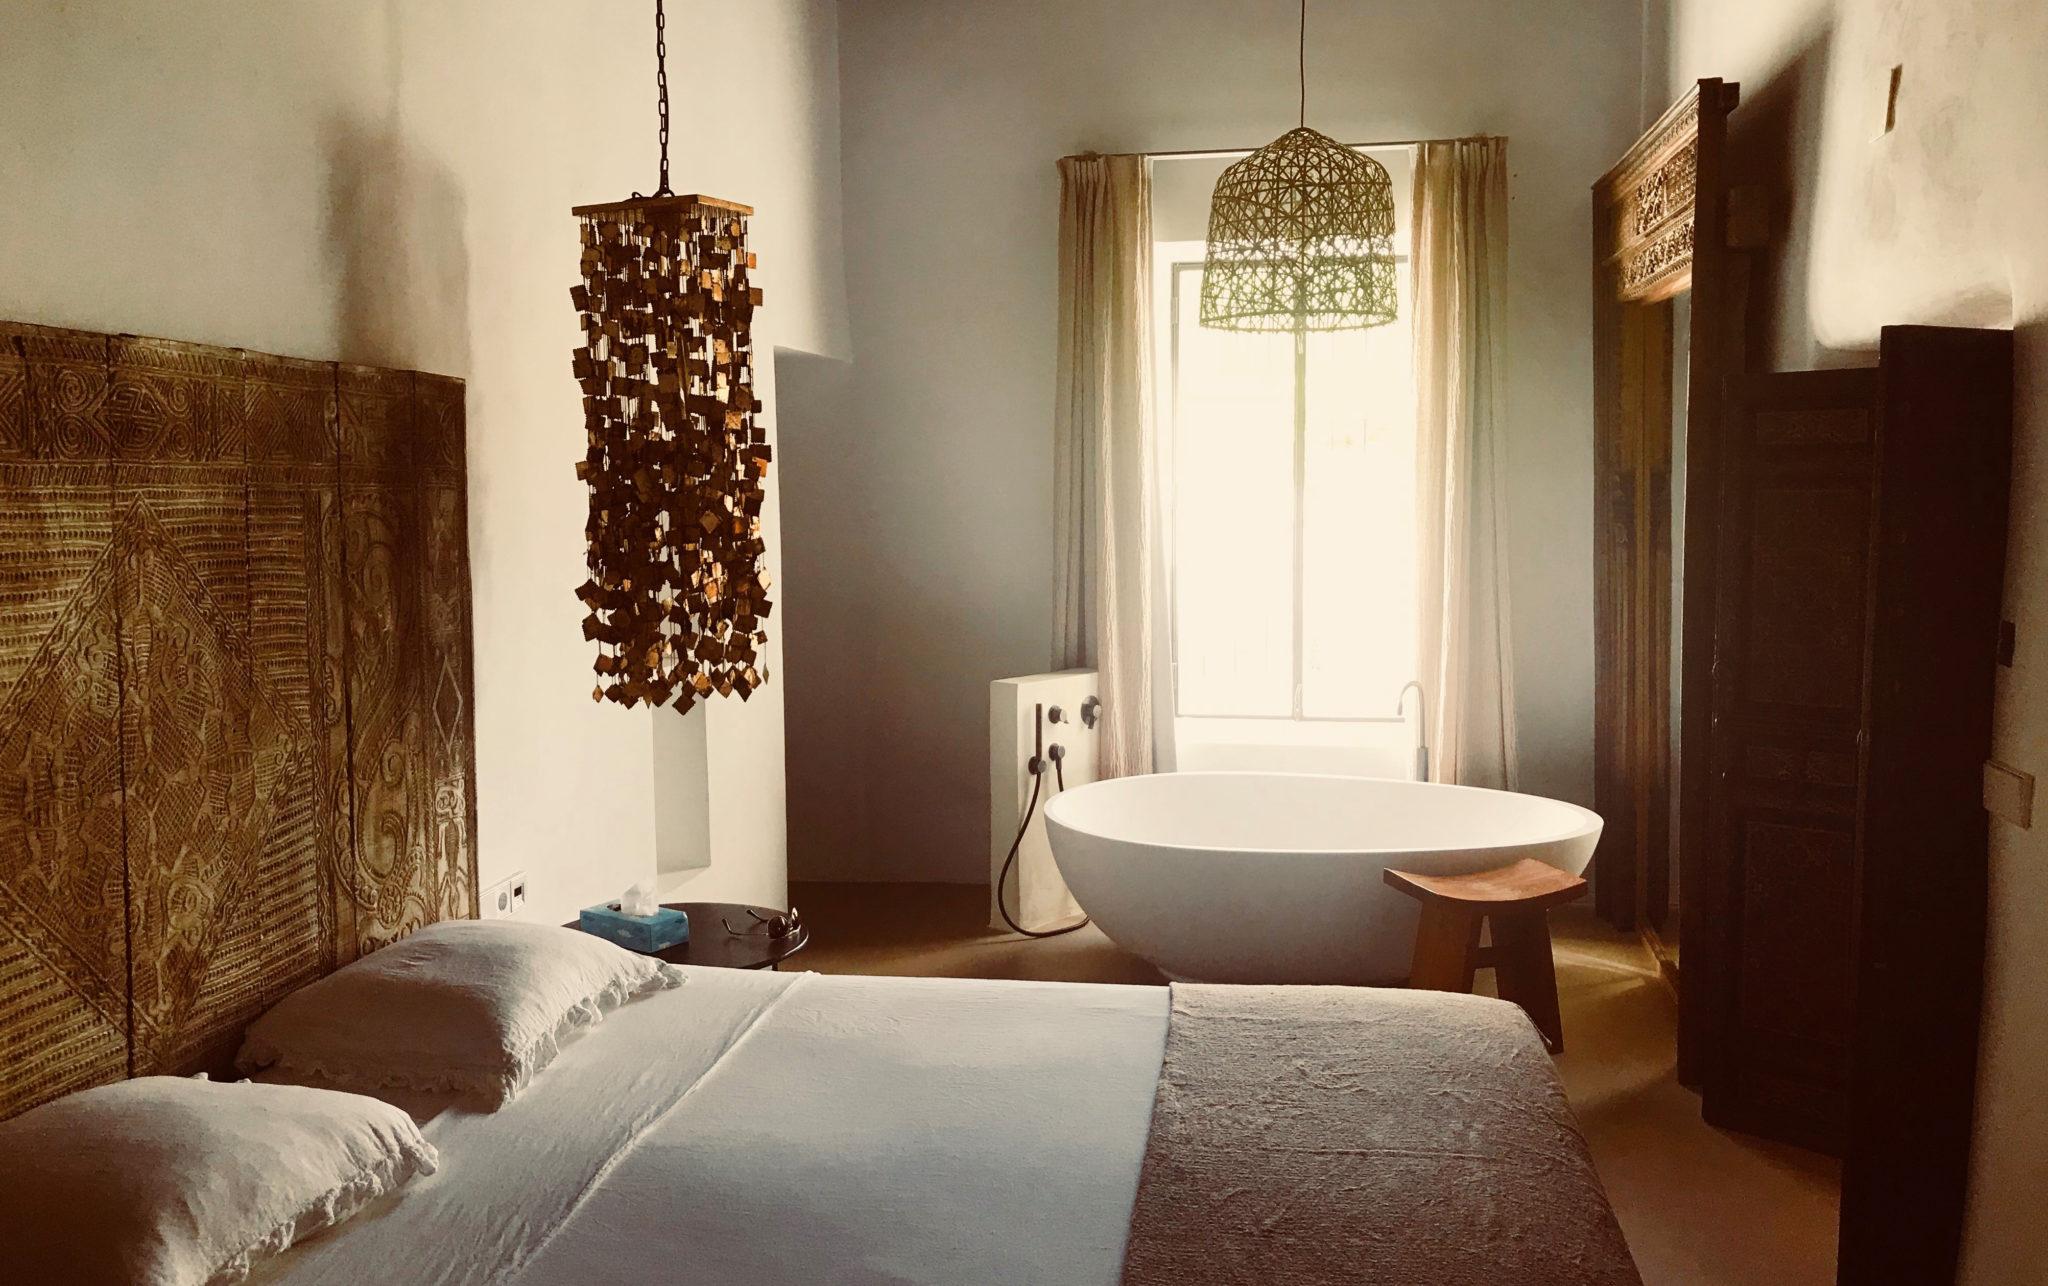 Arredo bagno,mobili bagno,mobili bagno sospesi e a terra - Villa Ibiza